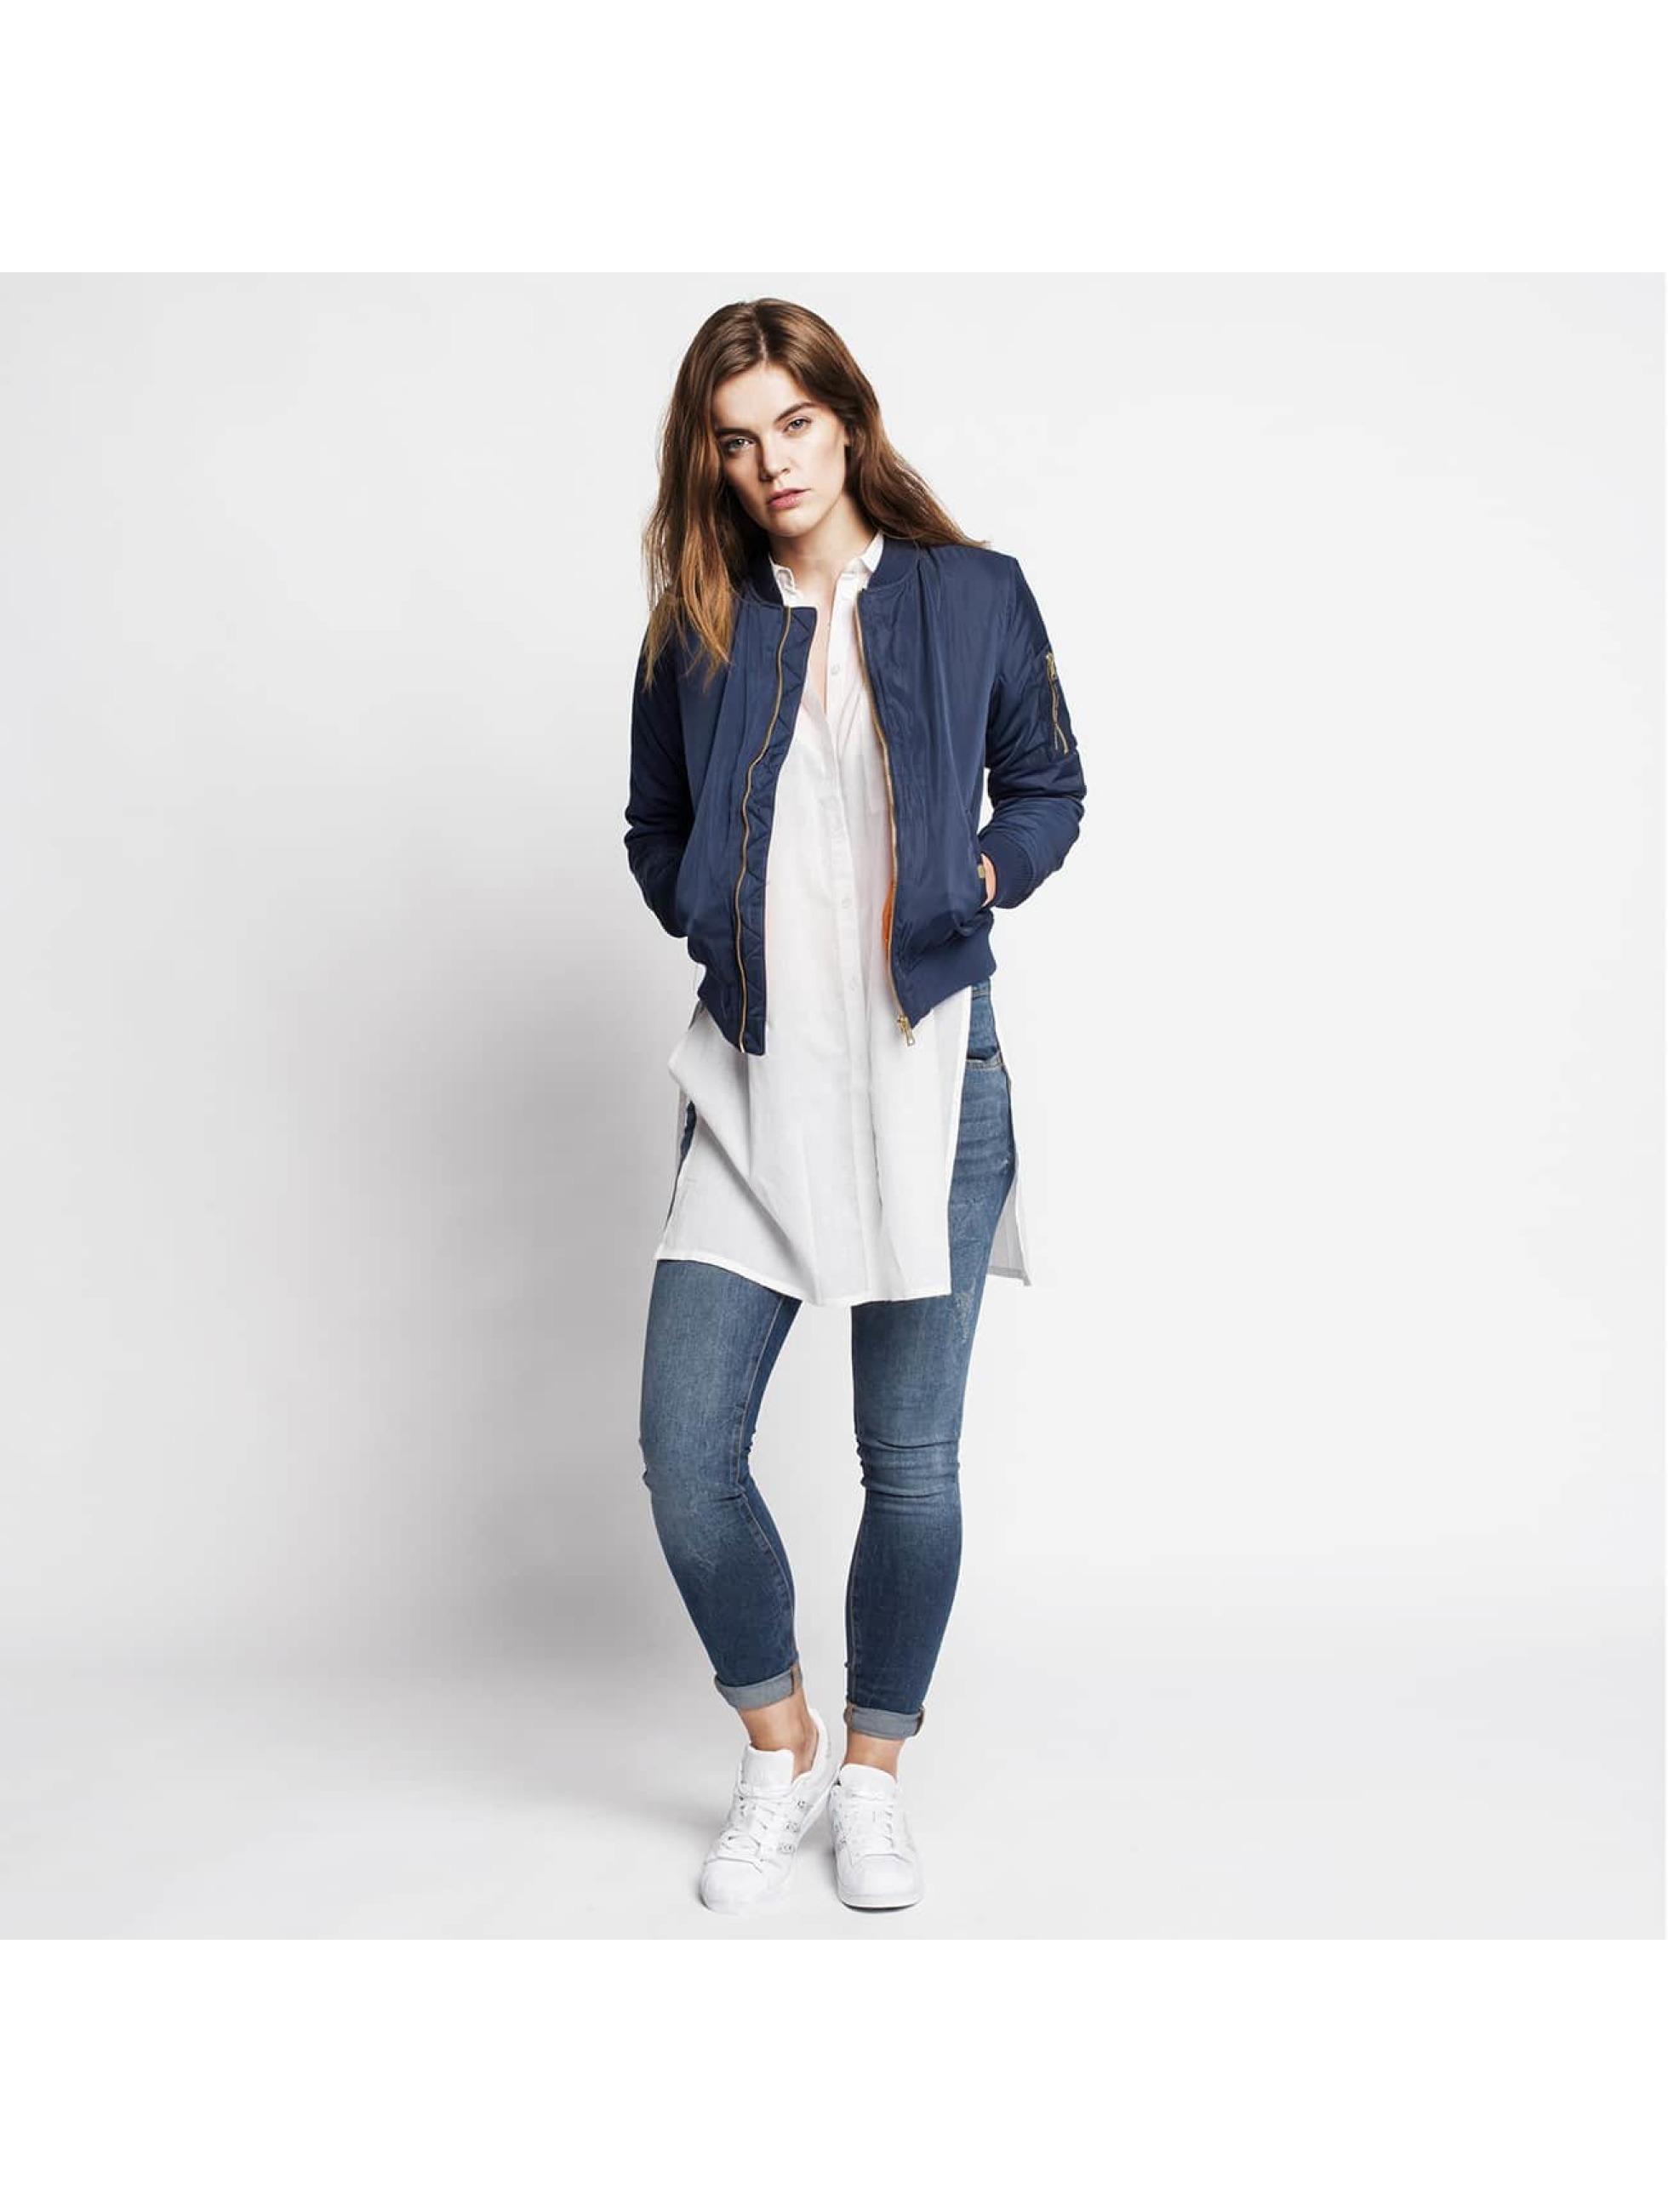 Authentic Style Облегающие джинсы Destroyed синий